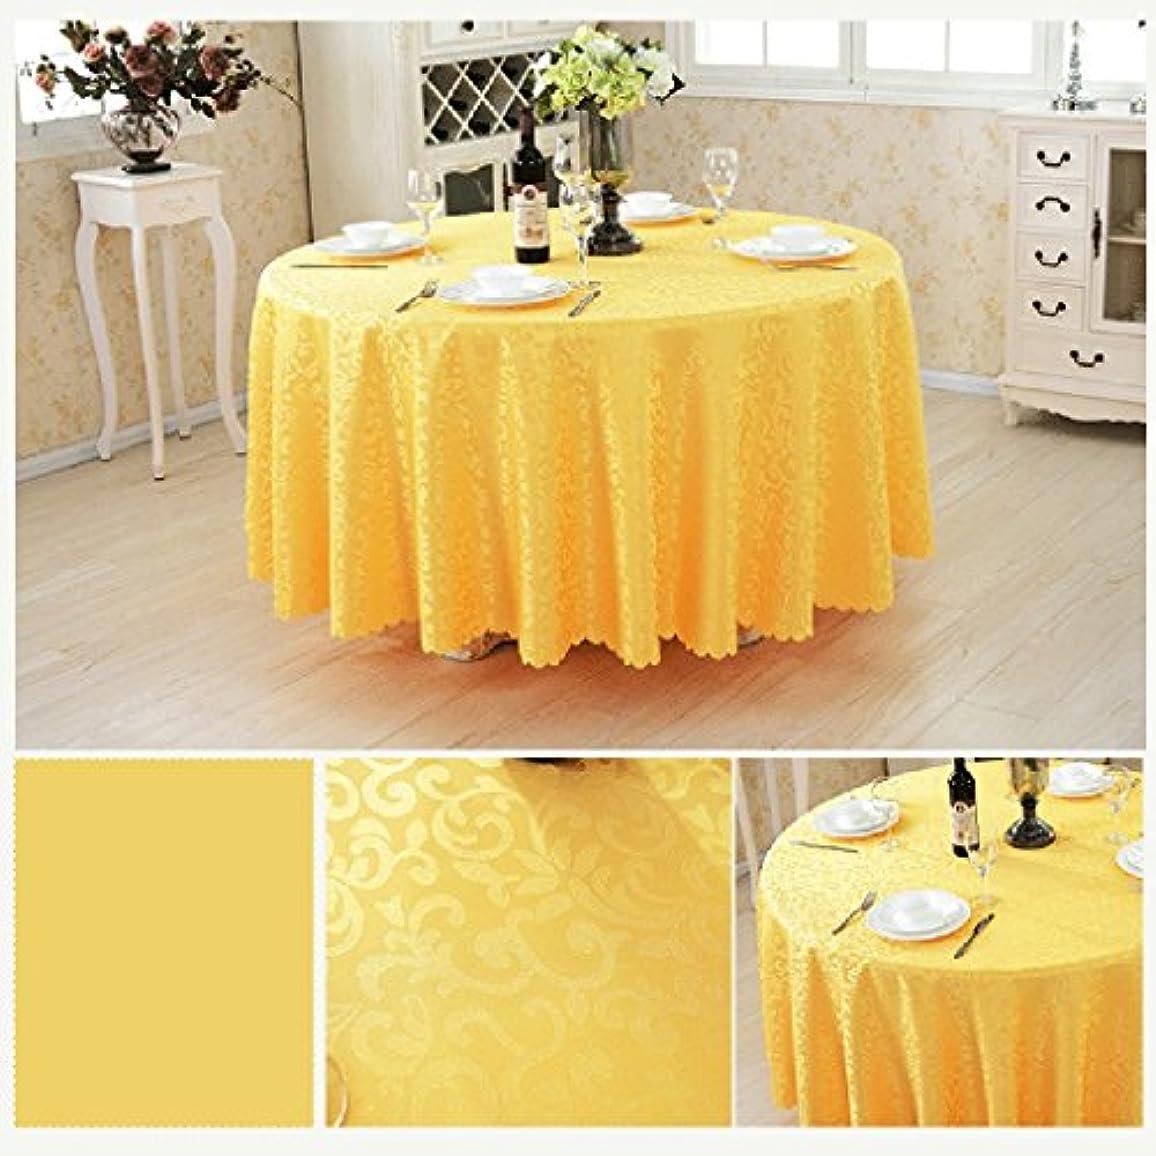 考古学者加入櫛HAPzfsp テーブルクロス ラウンド化学繊維テーブルクロスヨーロッパスタイルのコーヒーテーブルレストランホテルテーブルクロス幾何学模様様々なサイズ様々な色(62インチ/ 160 cm-125インチ/ 320 cm) パティオ、キッチン、ダイニングルーム、ダイニングテーブル、ホテル (Color : Yellow, Size : Round 200cm)